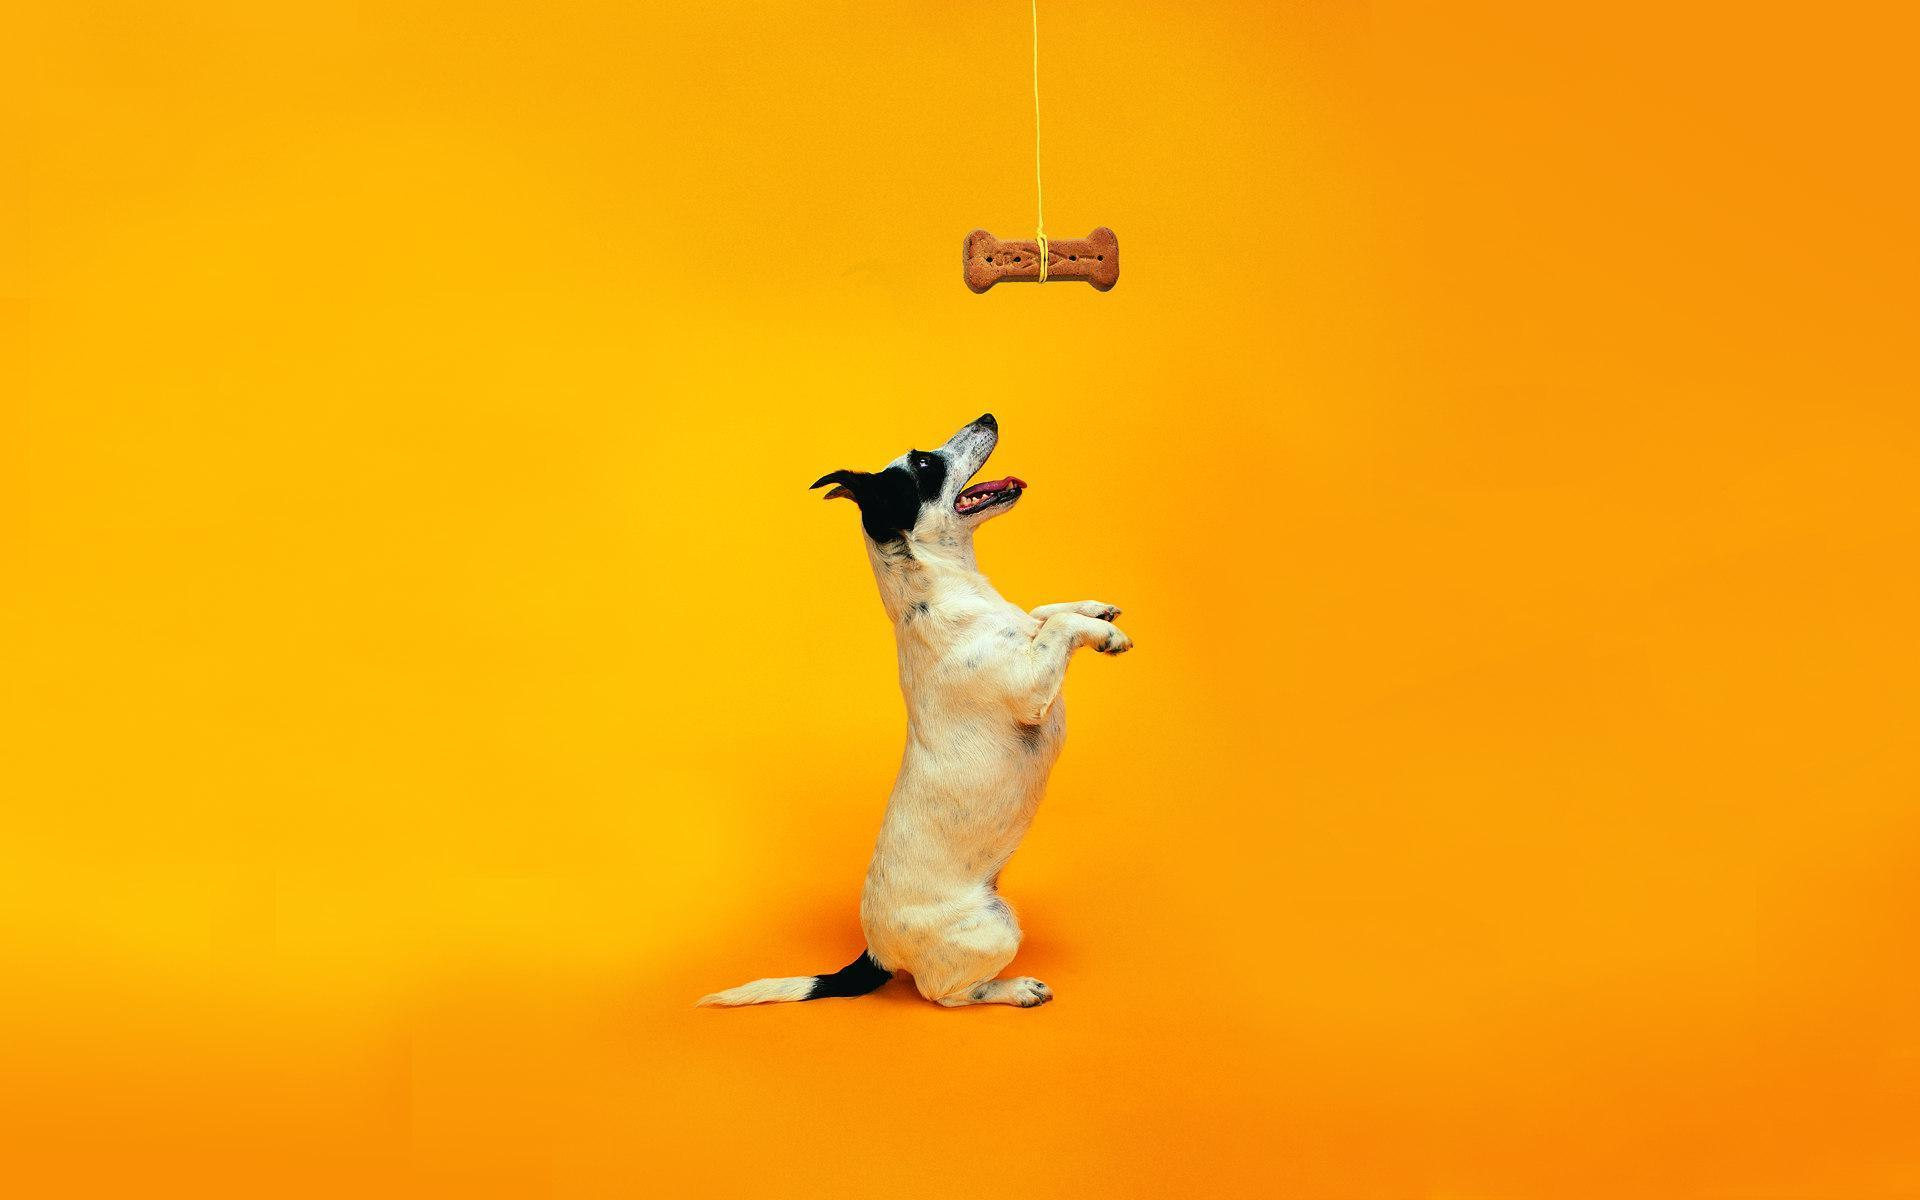 cute dog   dogs wallpaper 13903940   fanpop